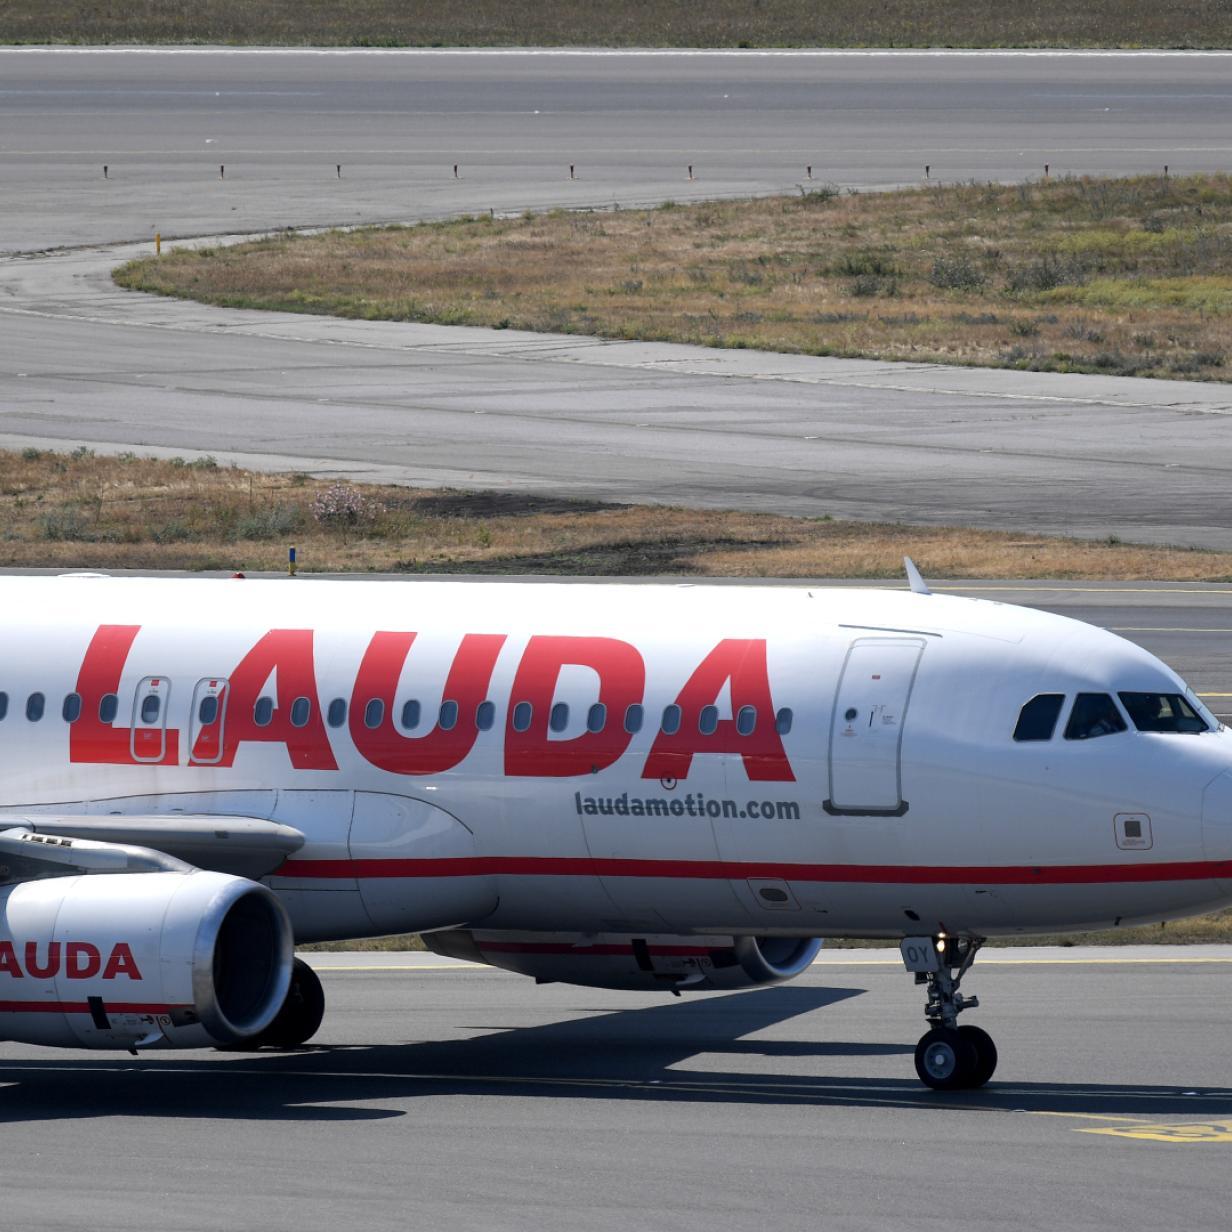 Heftiger Streit: Laudamotion sagt Mitarbeiterversammlung erneut ab